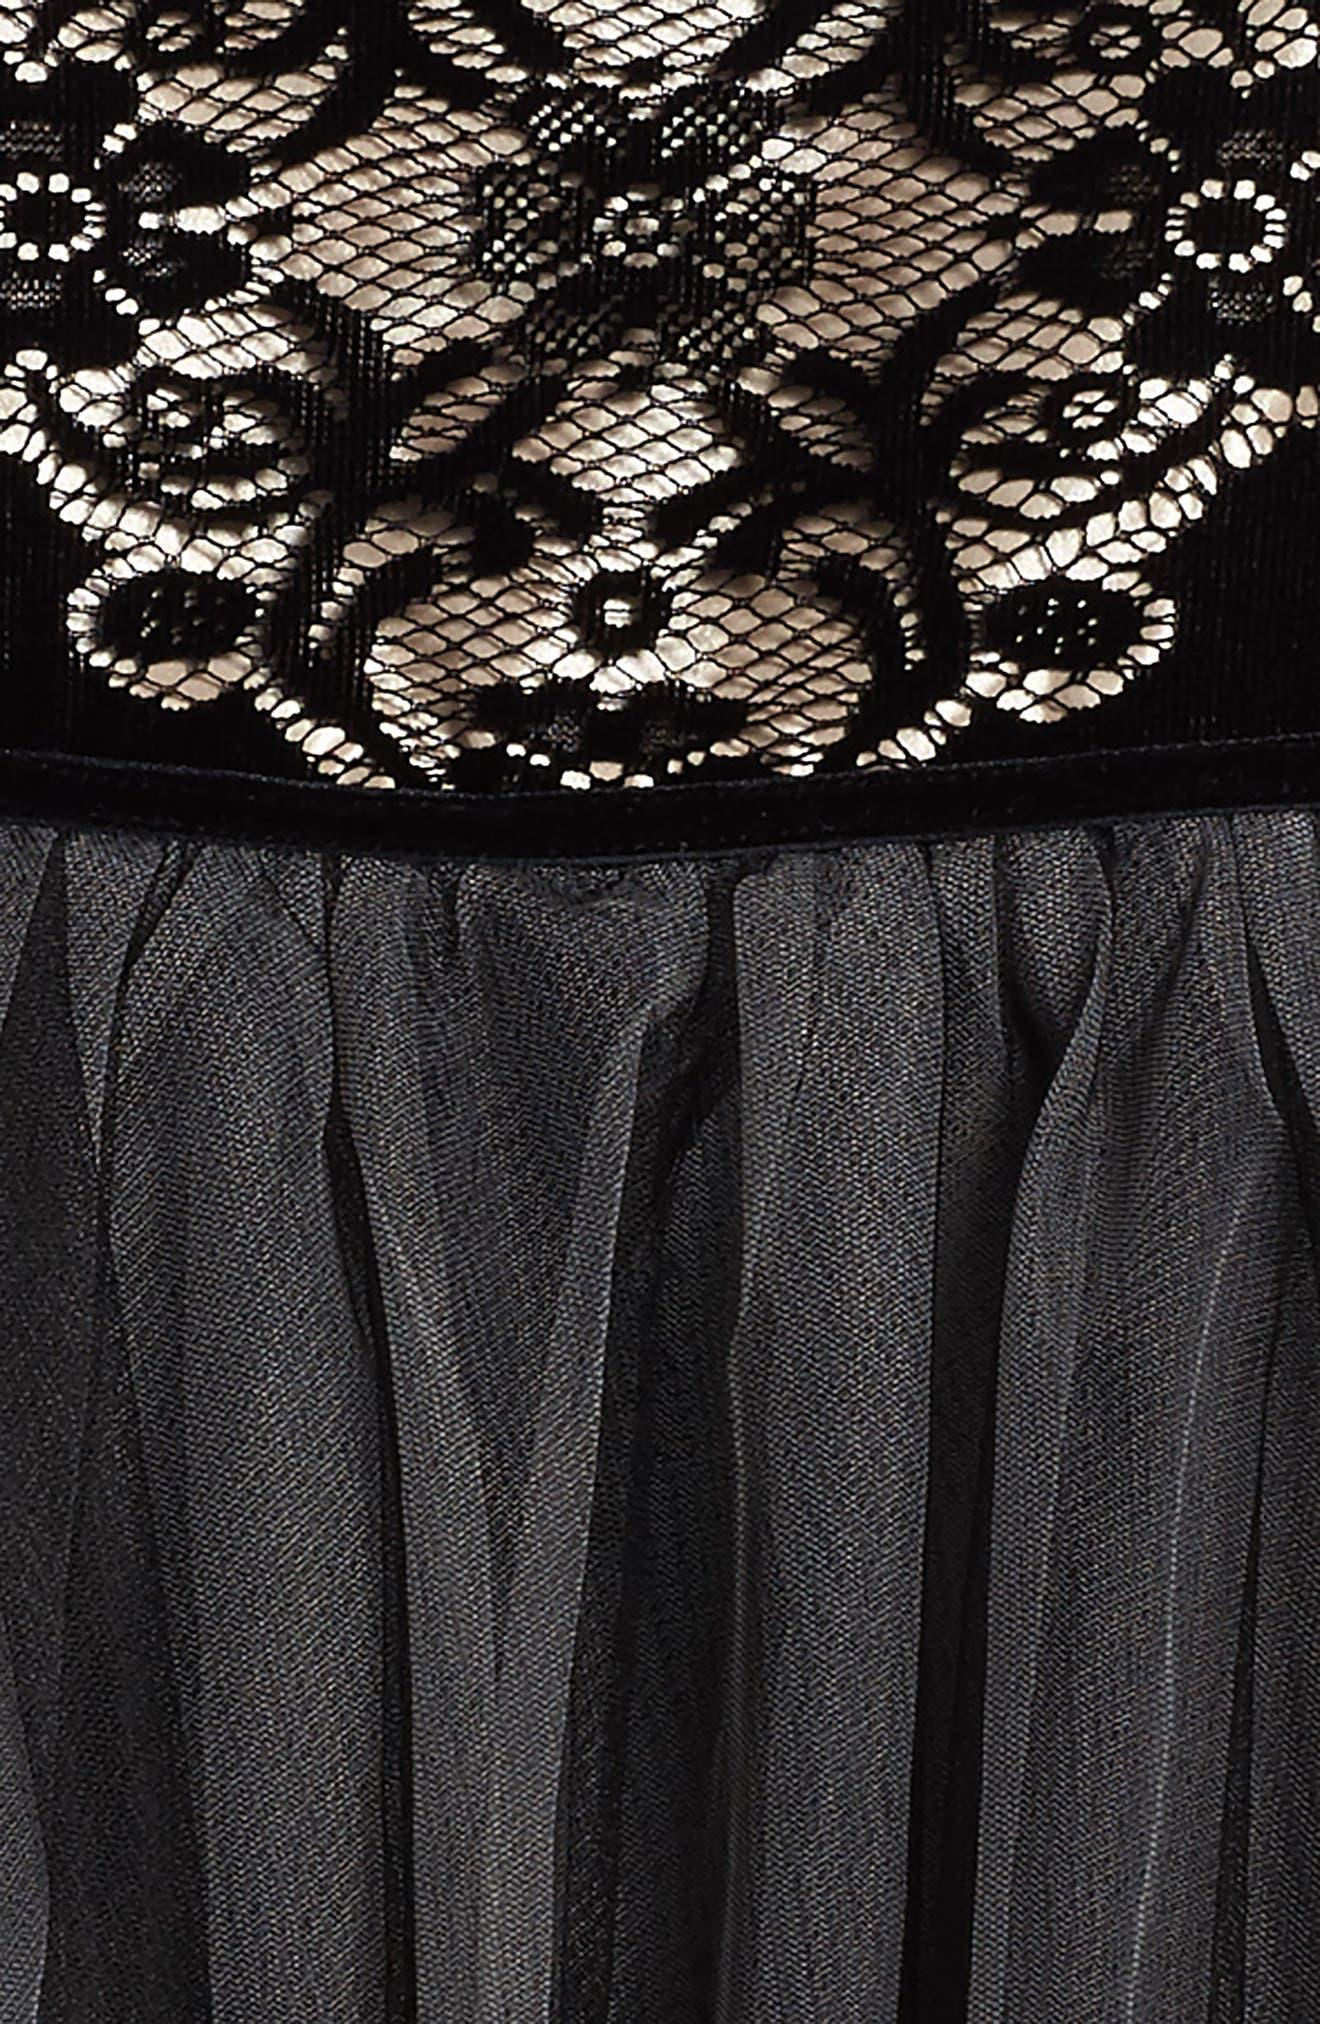 Burnout Lace Velvet & Tulle Dress,                             Alternate thumbnail 3, color,                             001